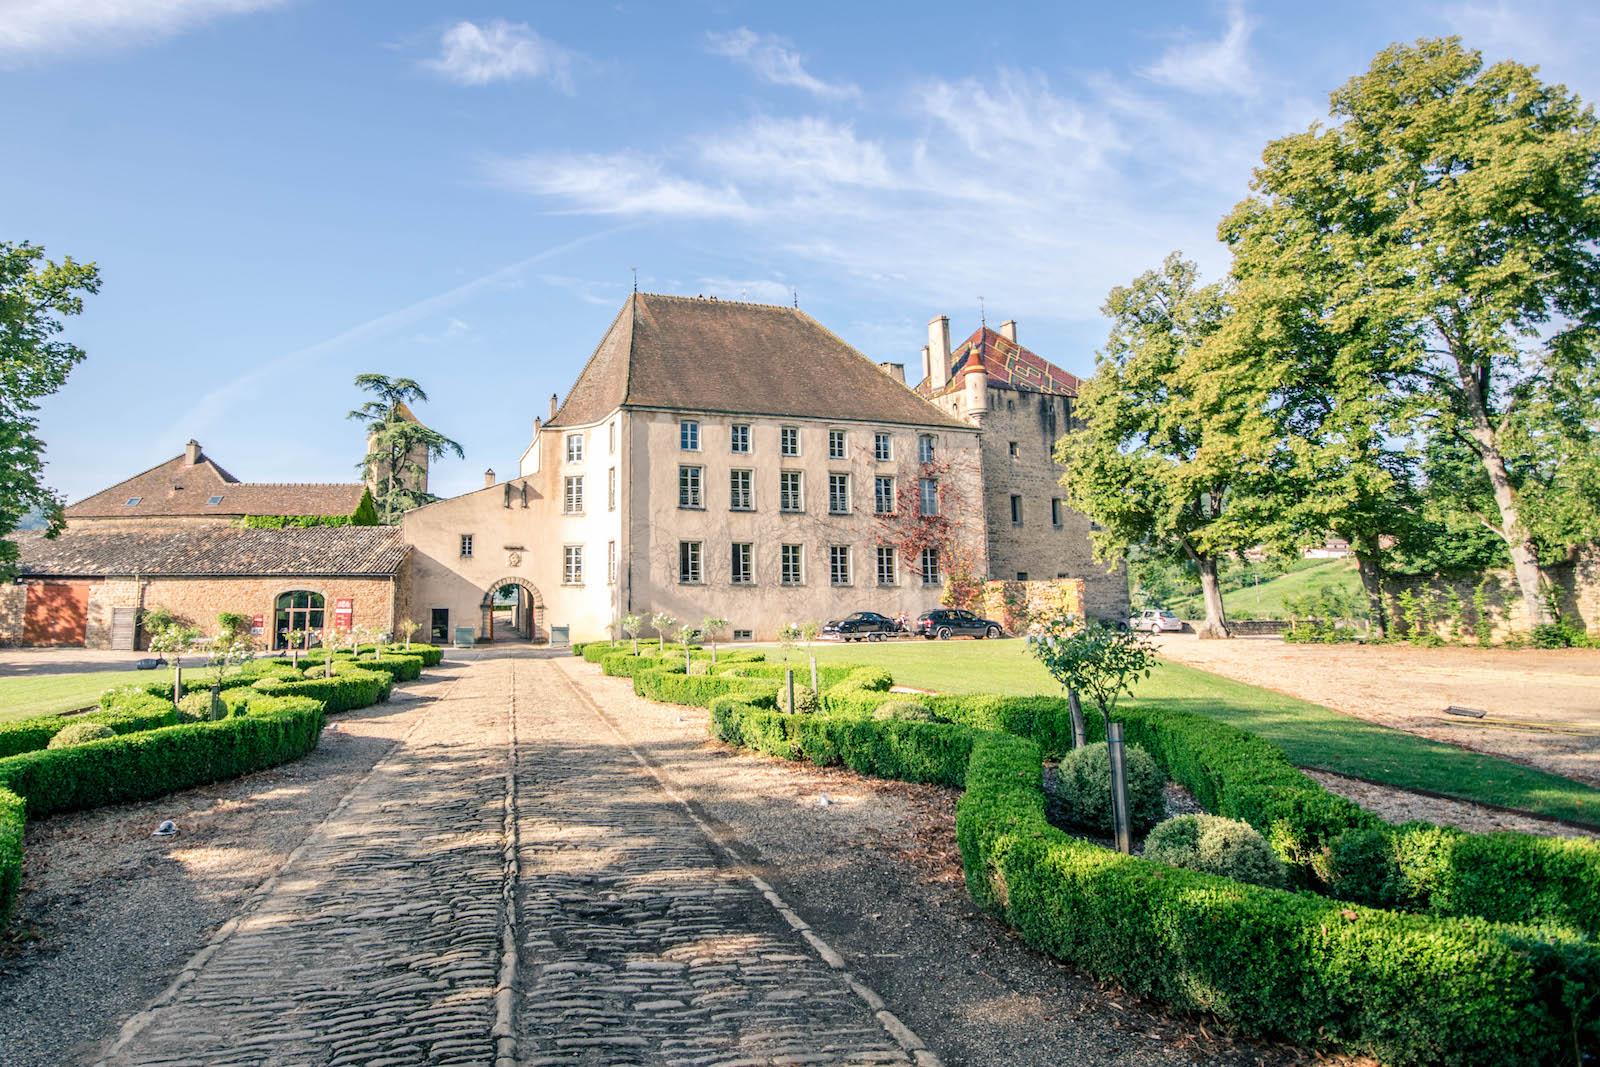 Chateau-de-Pierreclos